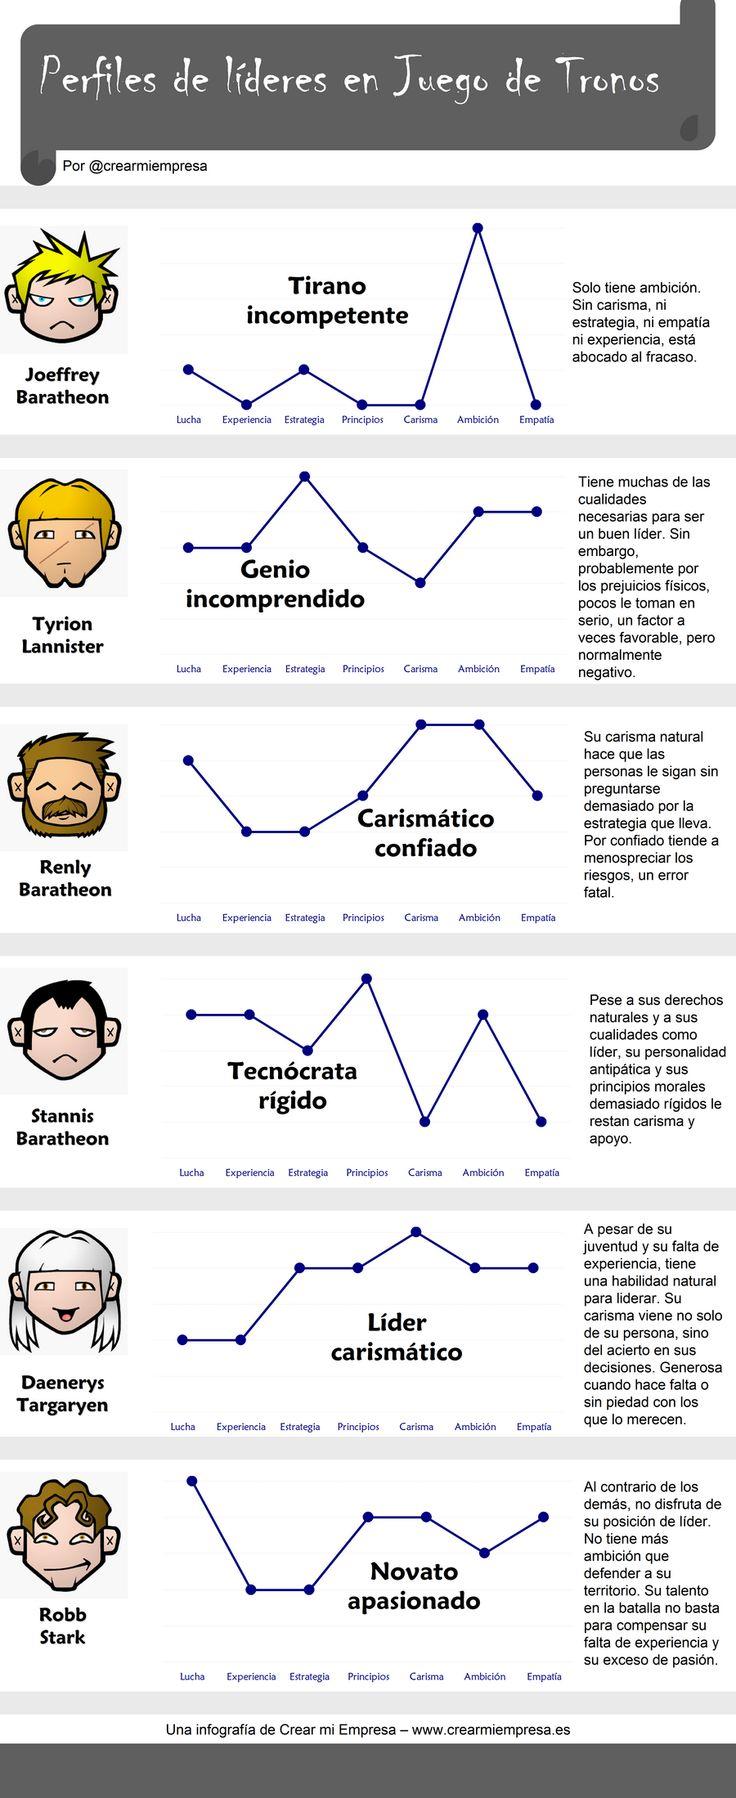 ¿Te has preguntado alguna vez las cualidades que definen a un buen líder? Te he preparado una infografía basada en ejemplos de pretendientes al trono de los Siete Reinos en la exitosa serie Juego d…